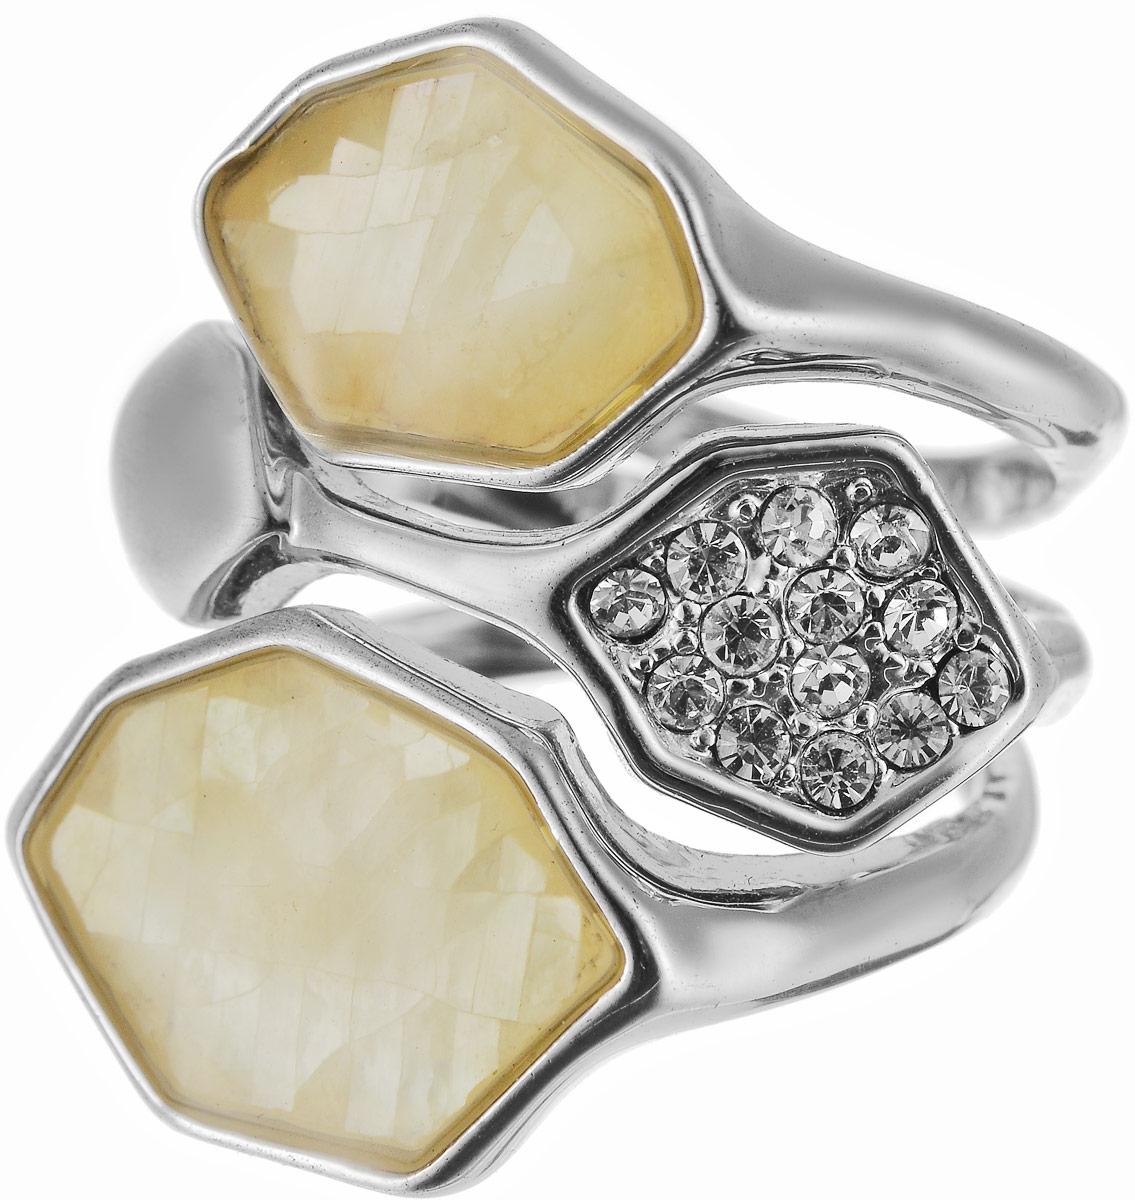 Кольцо Art-Silver, цвет: серебряный, бежевый. ЛМ049491-703-721. Размер 18Коктейльное кольцоОригинальное кольцо Art-Silver выполнено из бижутерного сплава с гальваническим покрытием. Кольцо украшено декоративными вставками.Элегантное кольцо Art-Silver превосходно дополнит ваш образ и подчеркнет отменное чувство стиля своей обладательницы.